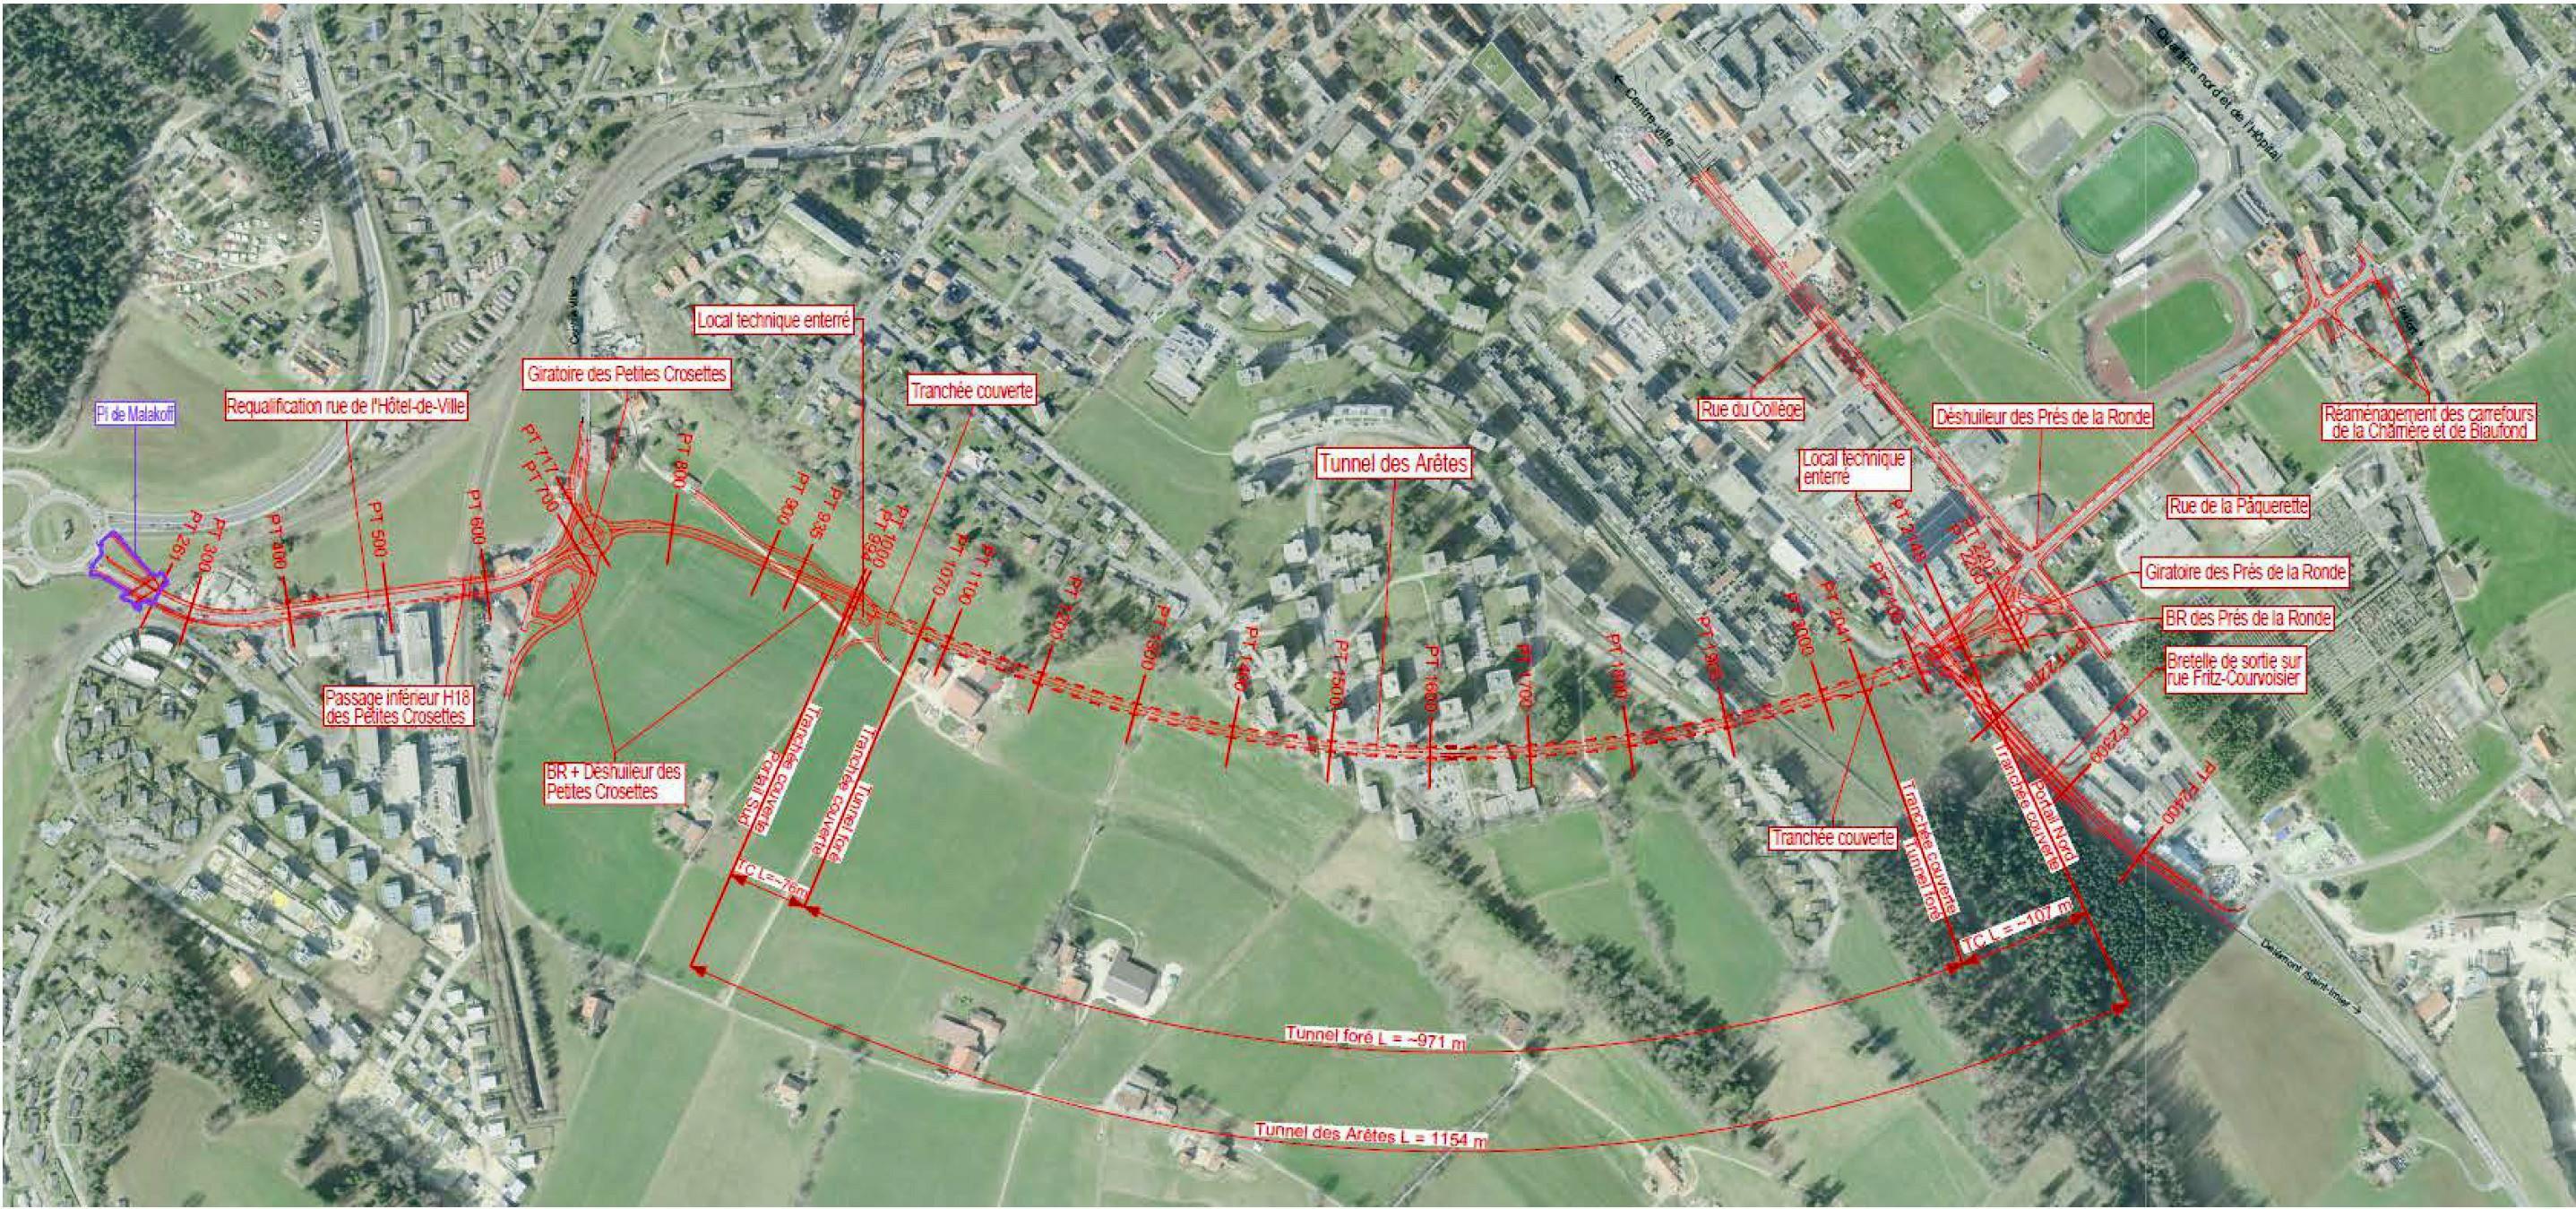 Contournement routier de La Chaux-de-Fonds par H18